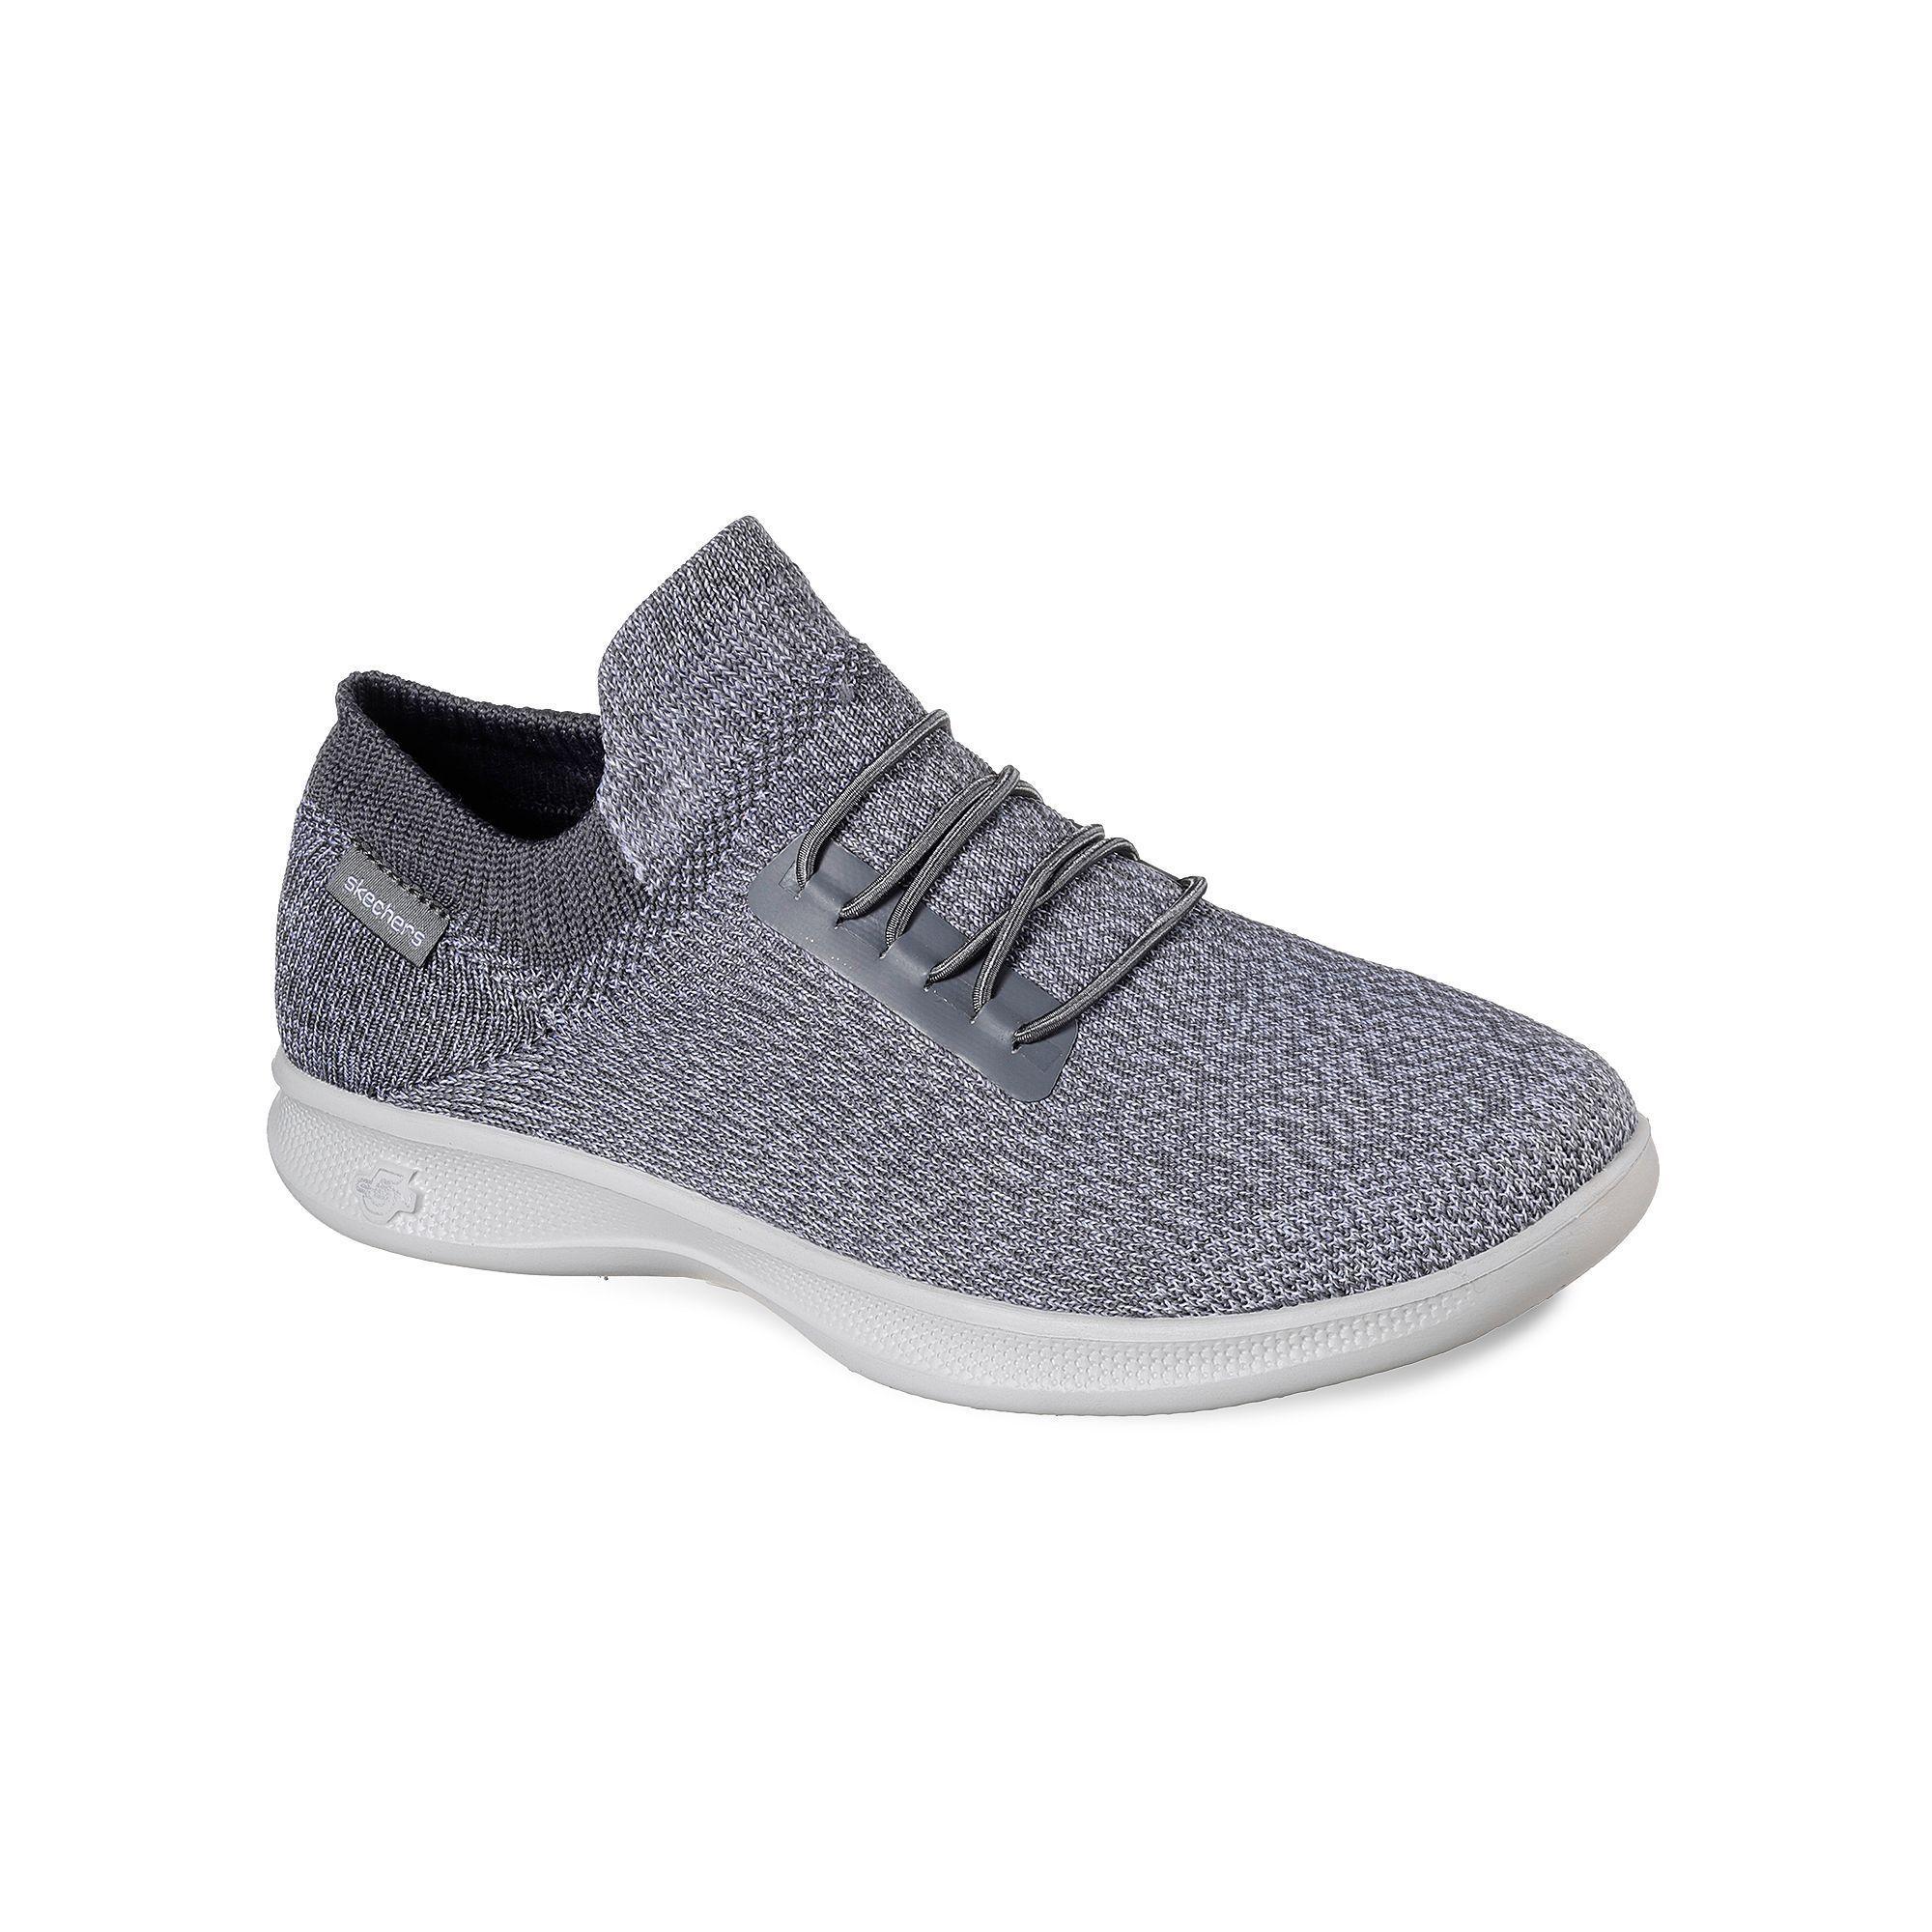 54746f838d95 Skechers GO STEP Lite Ultrasock Ingenious Women s Sneakers